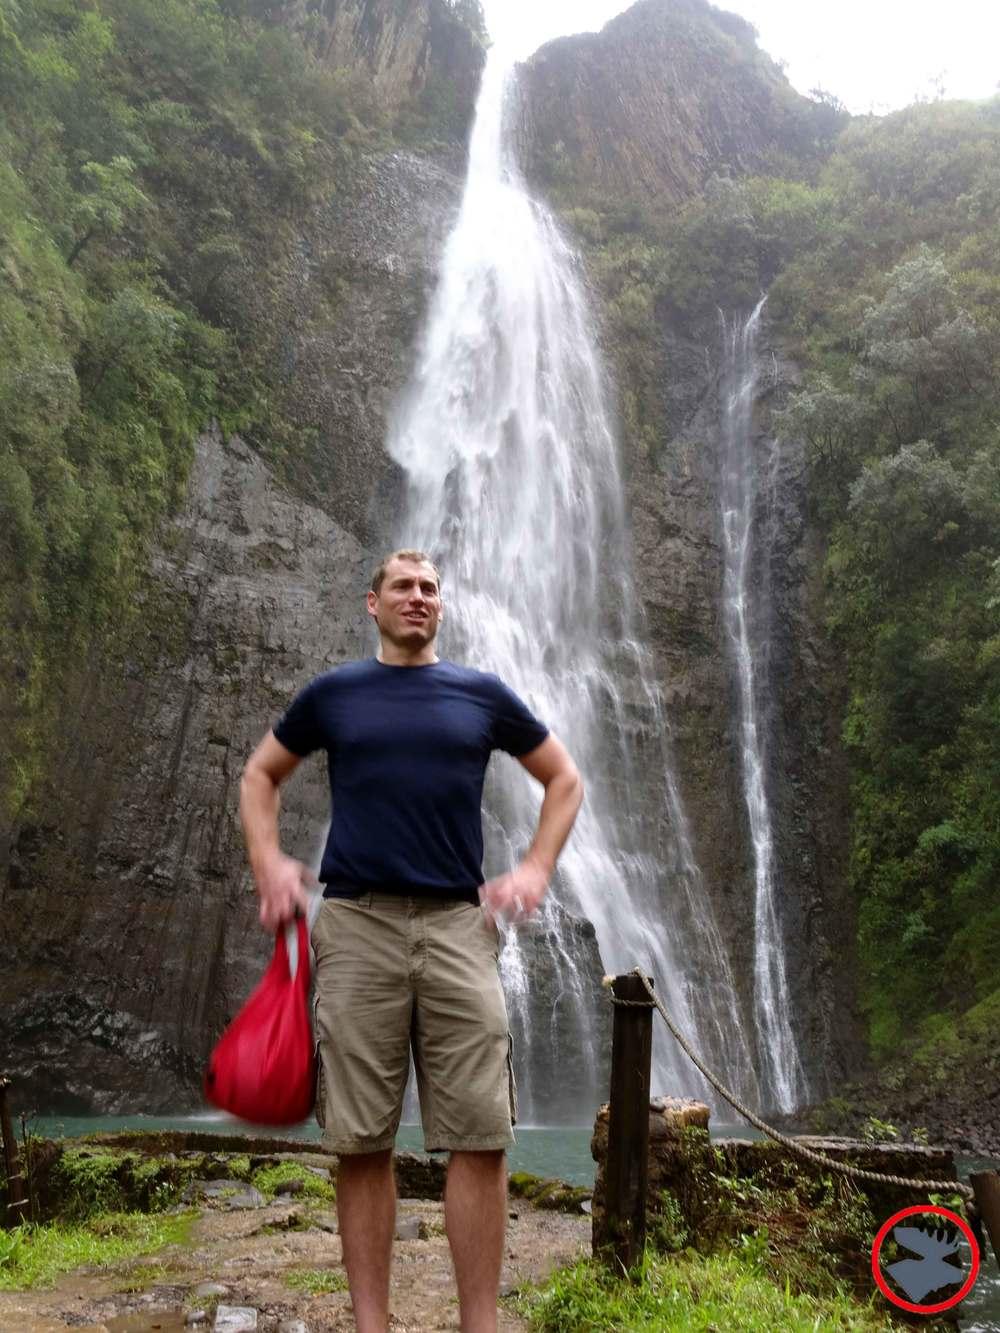 Scott-at-Jurassic-Falls.jpg